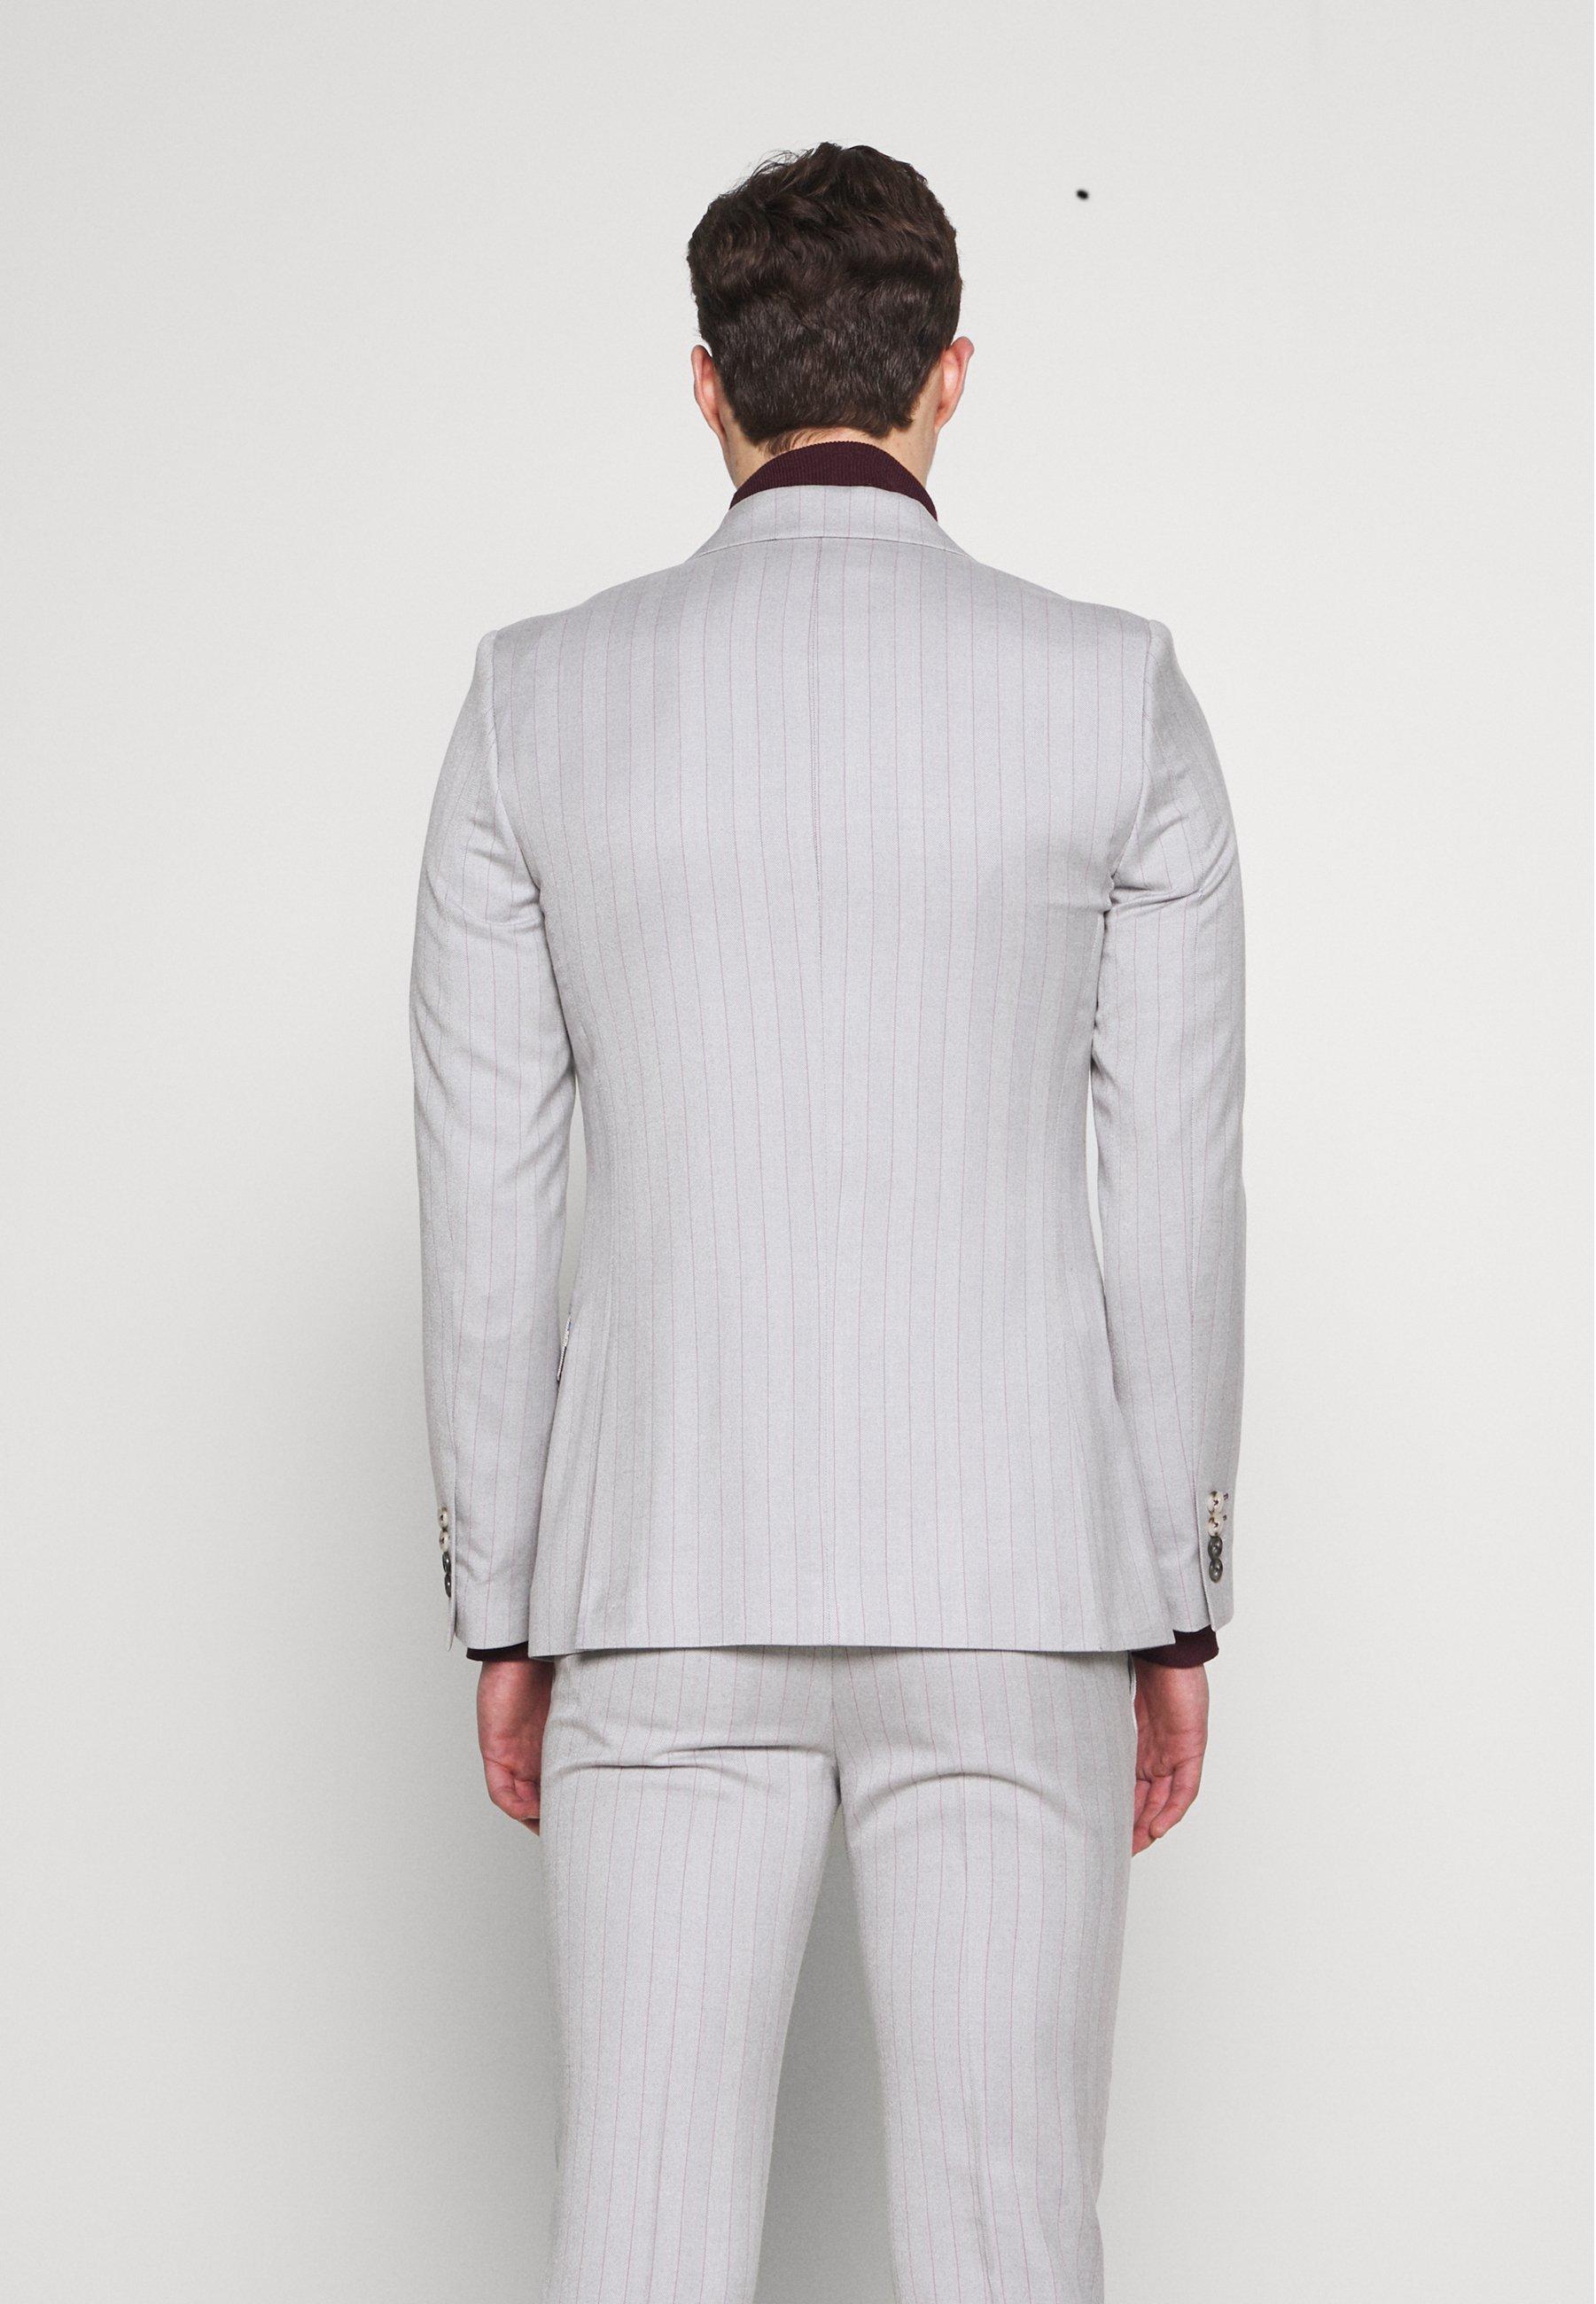 1904 BONE STRIPE JACKET SKINNY FIT - Marynarka garniturowa - light grey - Odzież męska 2020